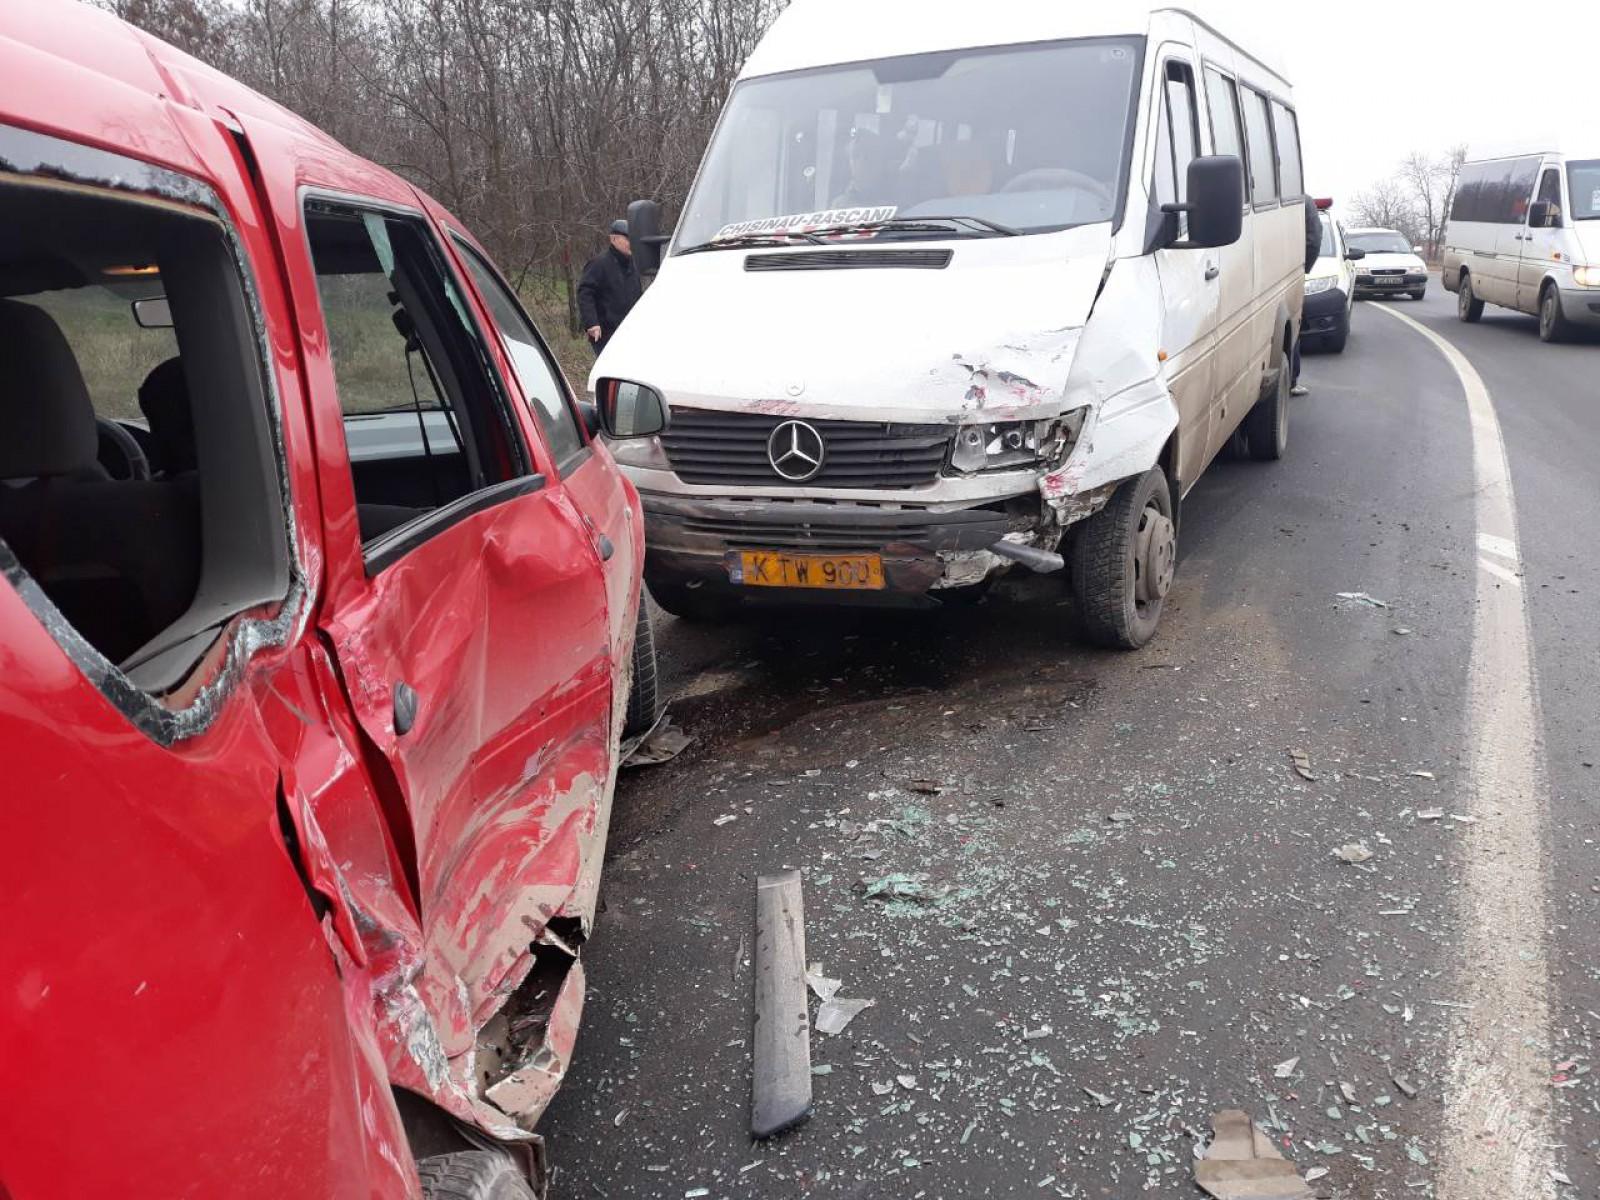 (foto) Accident la Orhei cu implicarea unui microbuz de pe ruta Chișinău-Râșcani: O femeie, spitalizată